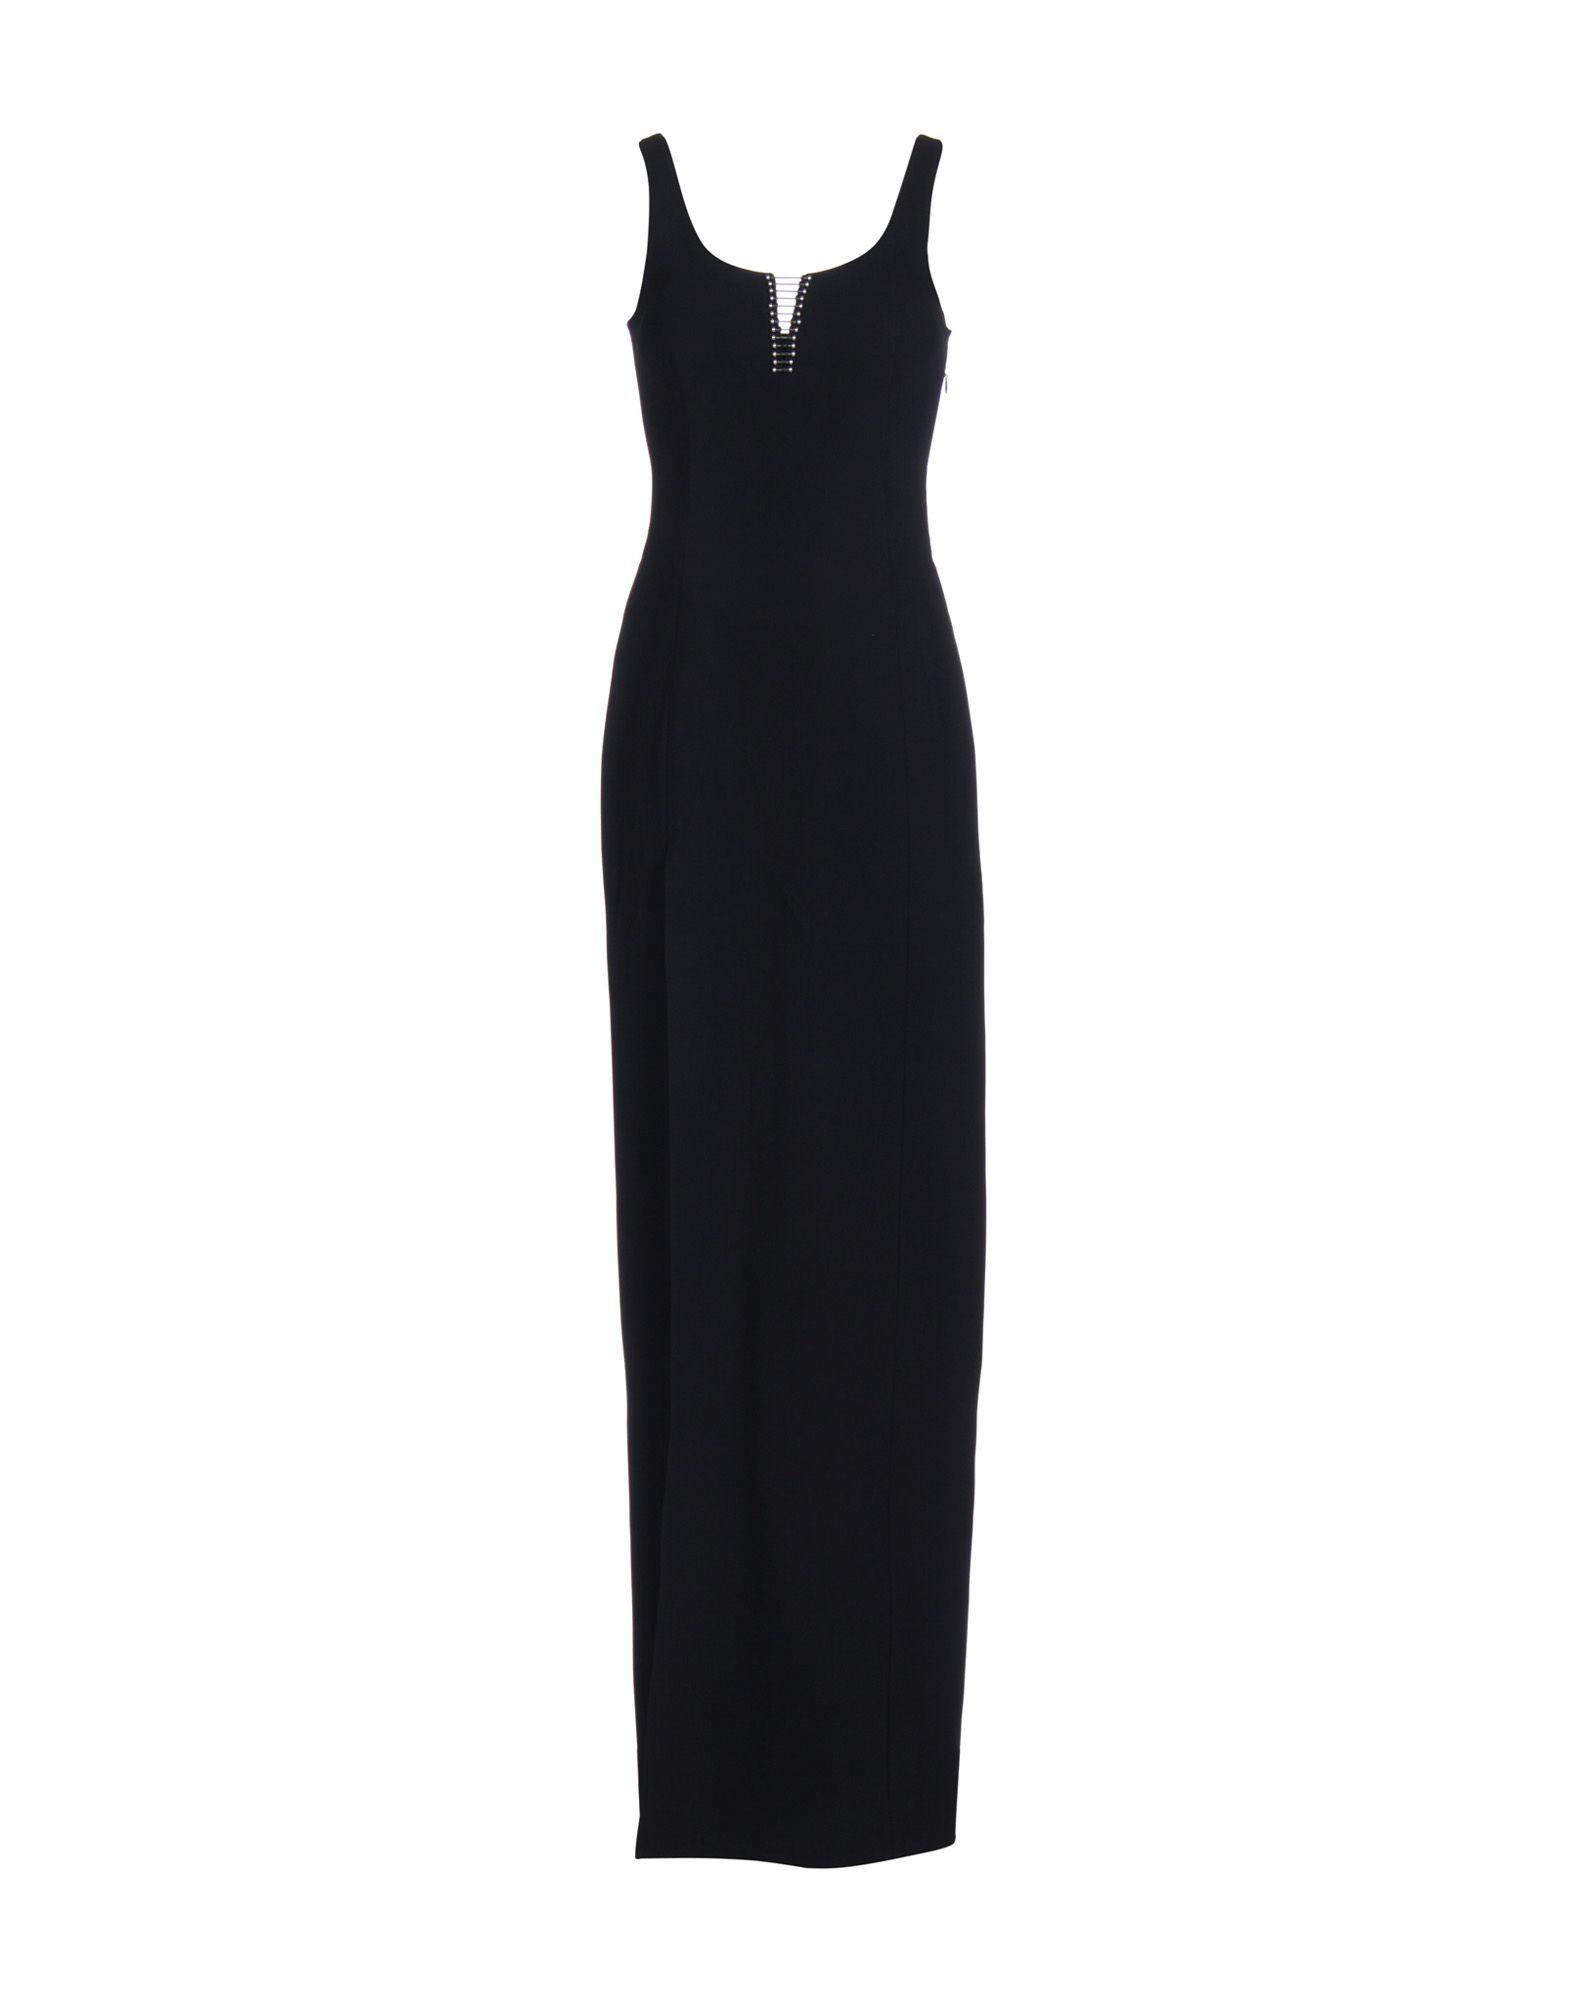 ALEXANDER WANG Длинное платье t by alexander wang черное платье с сетчатой вставкой